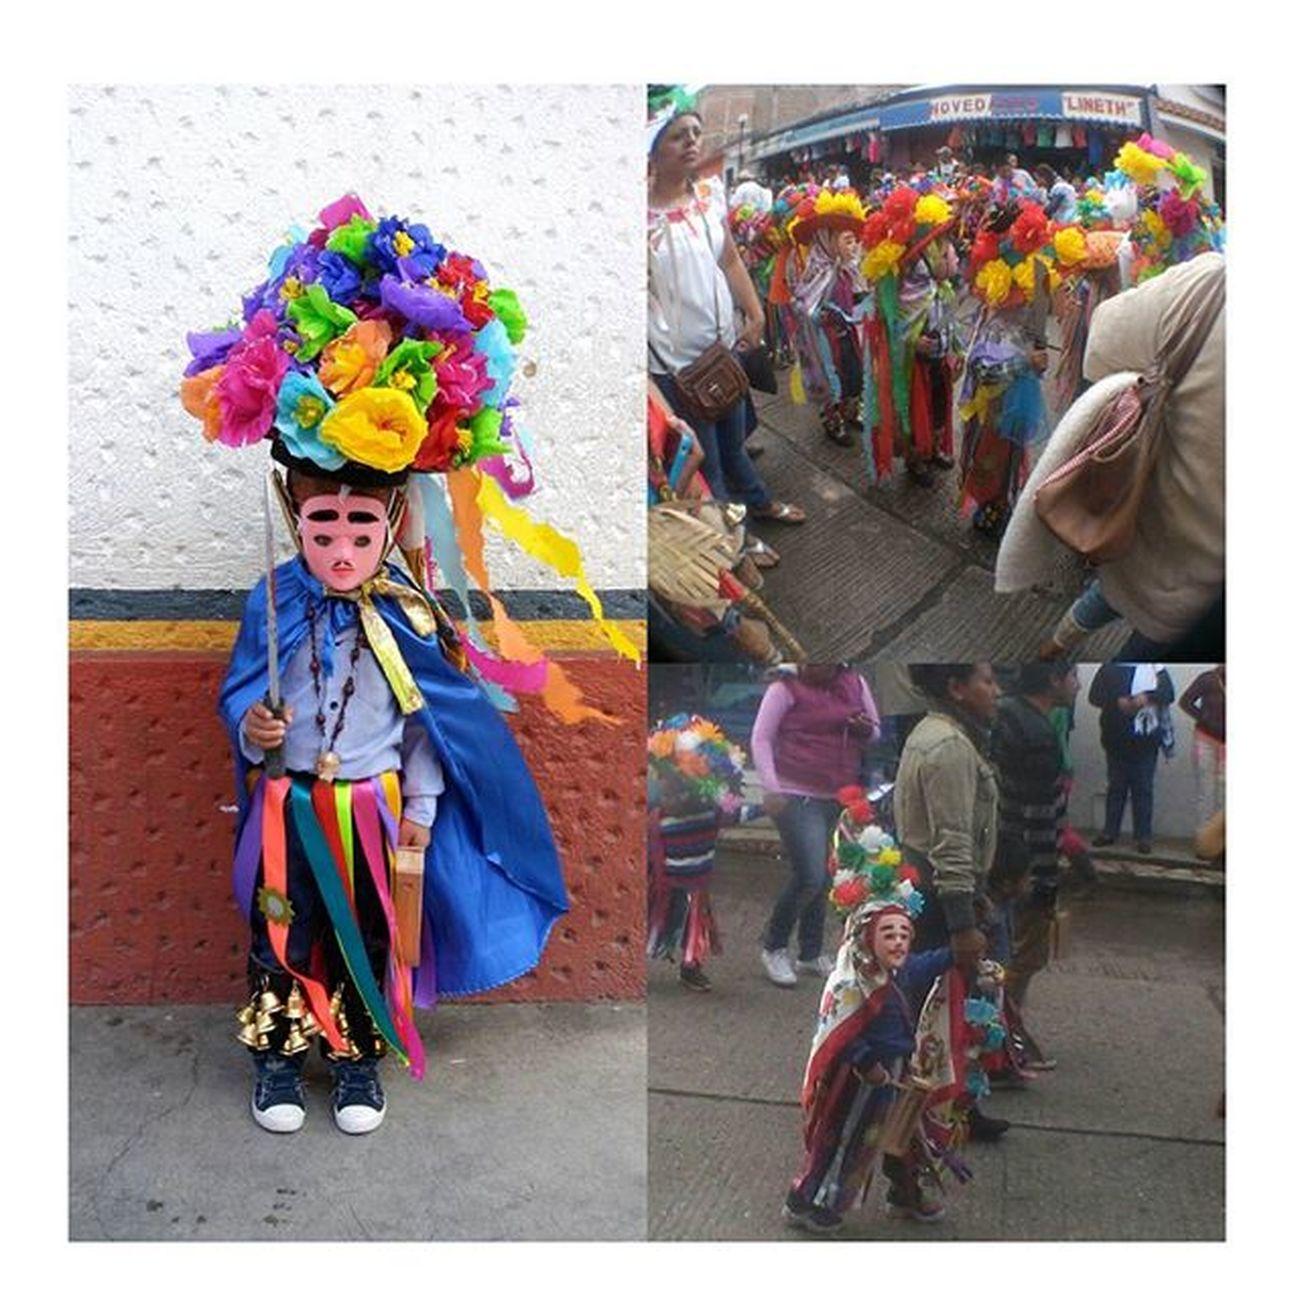 Desfile del carnaval,kinder Hermoso Chiapasvivemexico Visitchiapasapp Con_chiapas Raíces Colour Yosoyocozocoautla Coloresyvida Tradiciones Pasión  Pasionxchiapas Repost Chiapas_ Llenatedechiapas